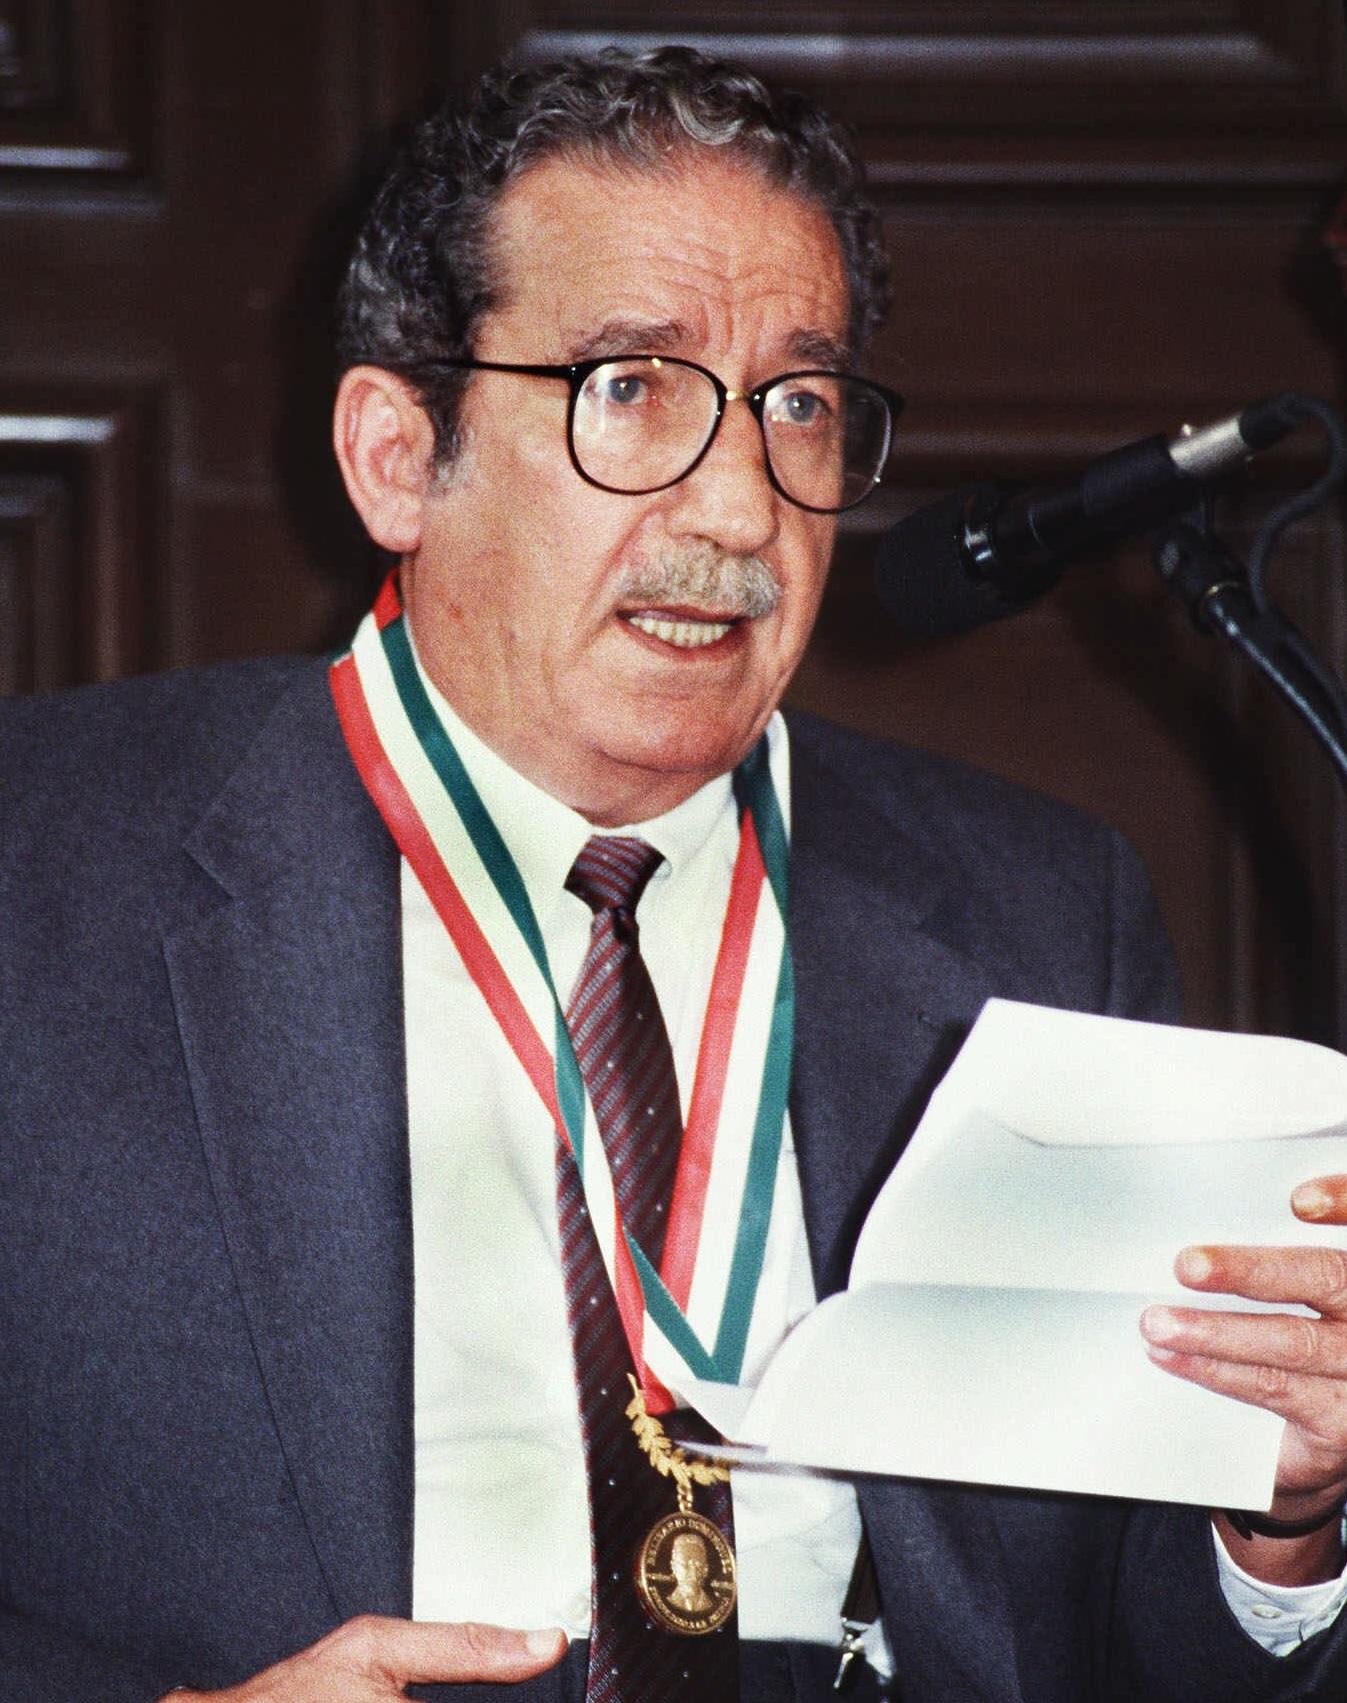 """Una foto del poeta mexicano Jaime Sabines después de recibir la medalla """"Belisario Domínguez"""" (AP)"""